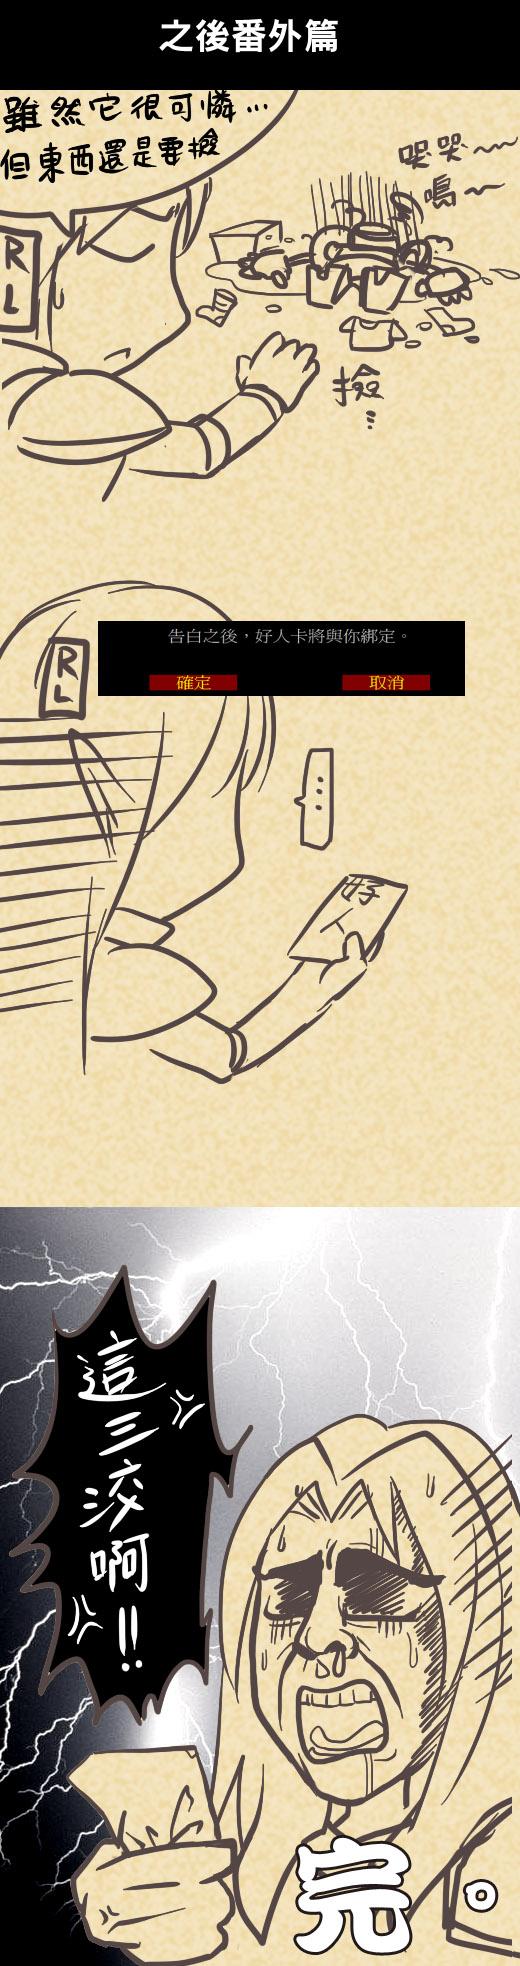 心碎番外篇..jpg